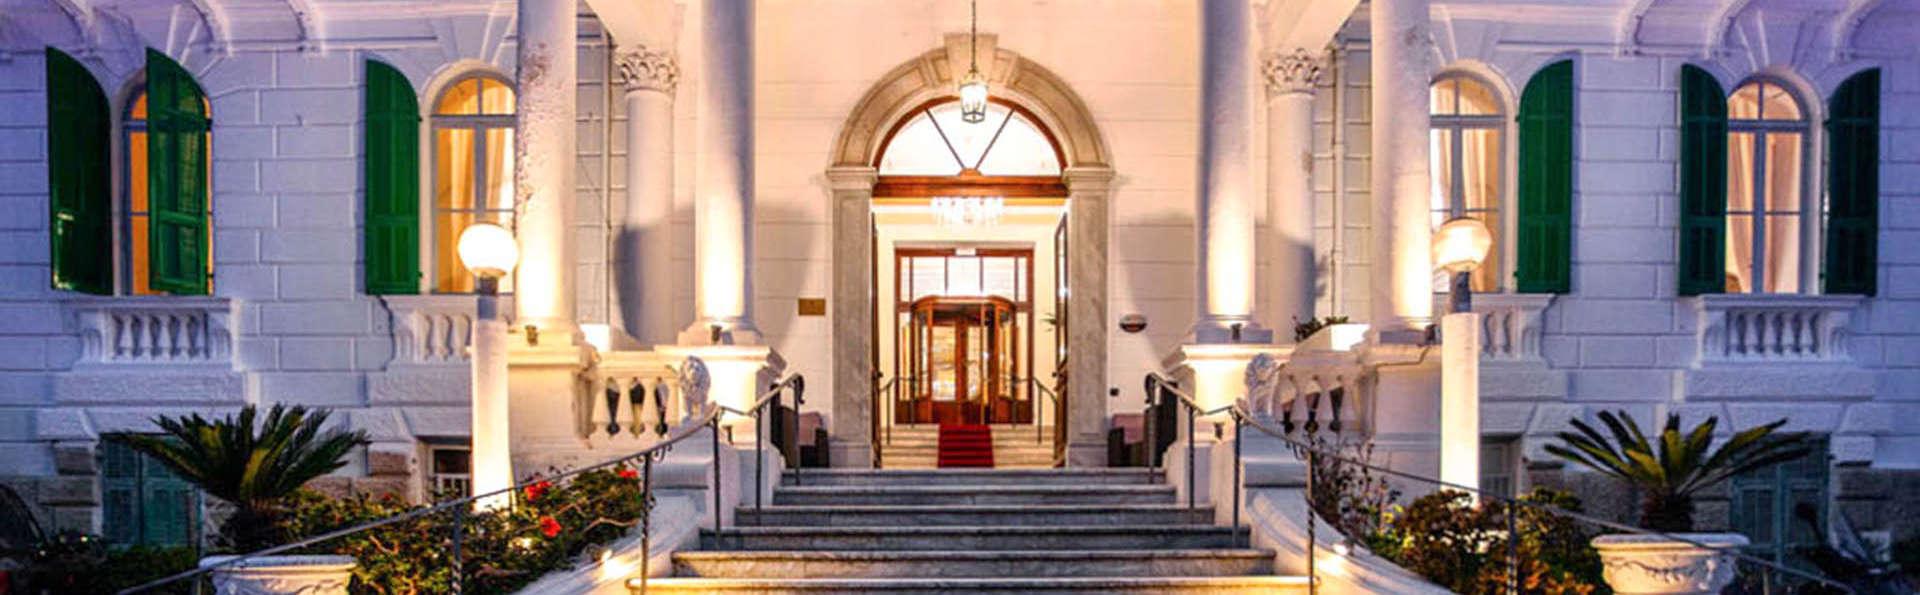 Étape au cœur de Sanremo dans un magnifique bâtiment historique